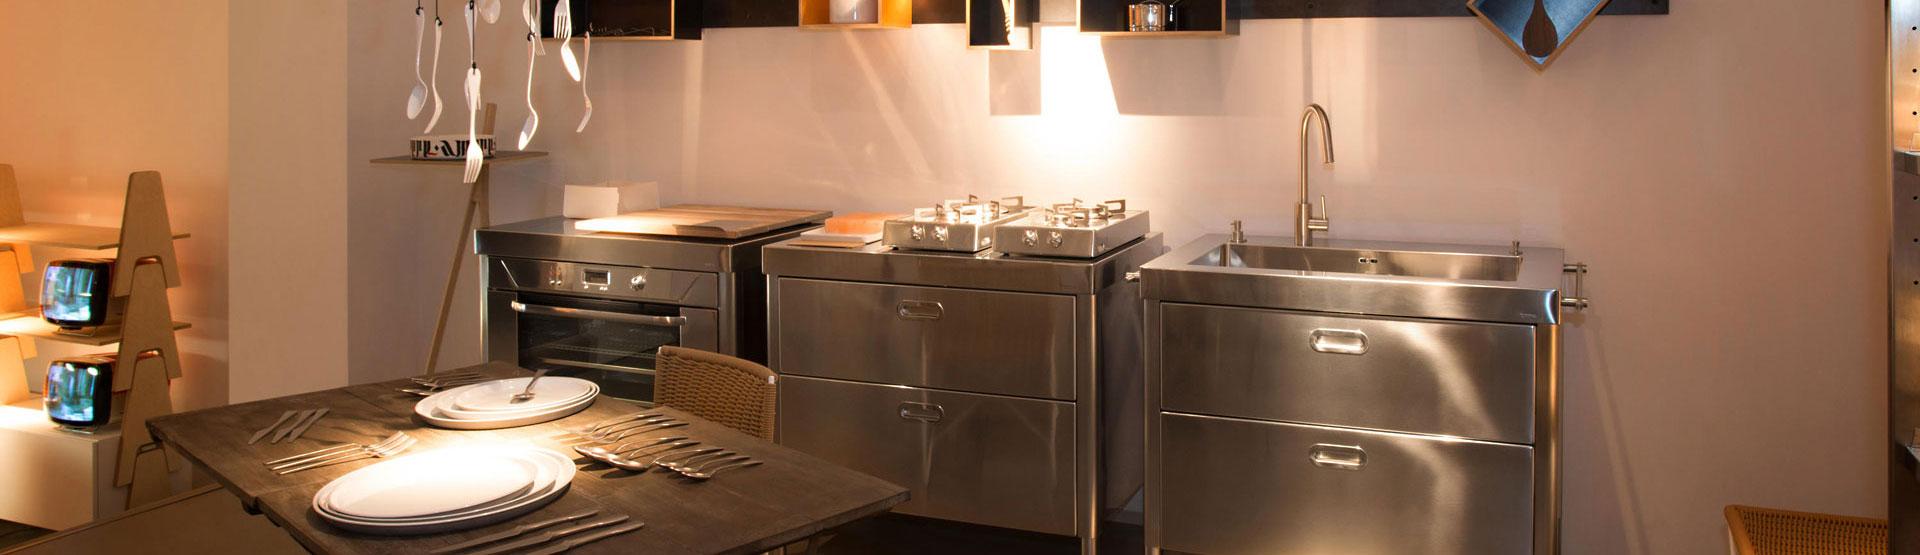 Full Size of Freistehende Küchen Alpes Inoedelstahlkchen Planung Küche Regal Wohnzimmer Freistehende Küchen